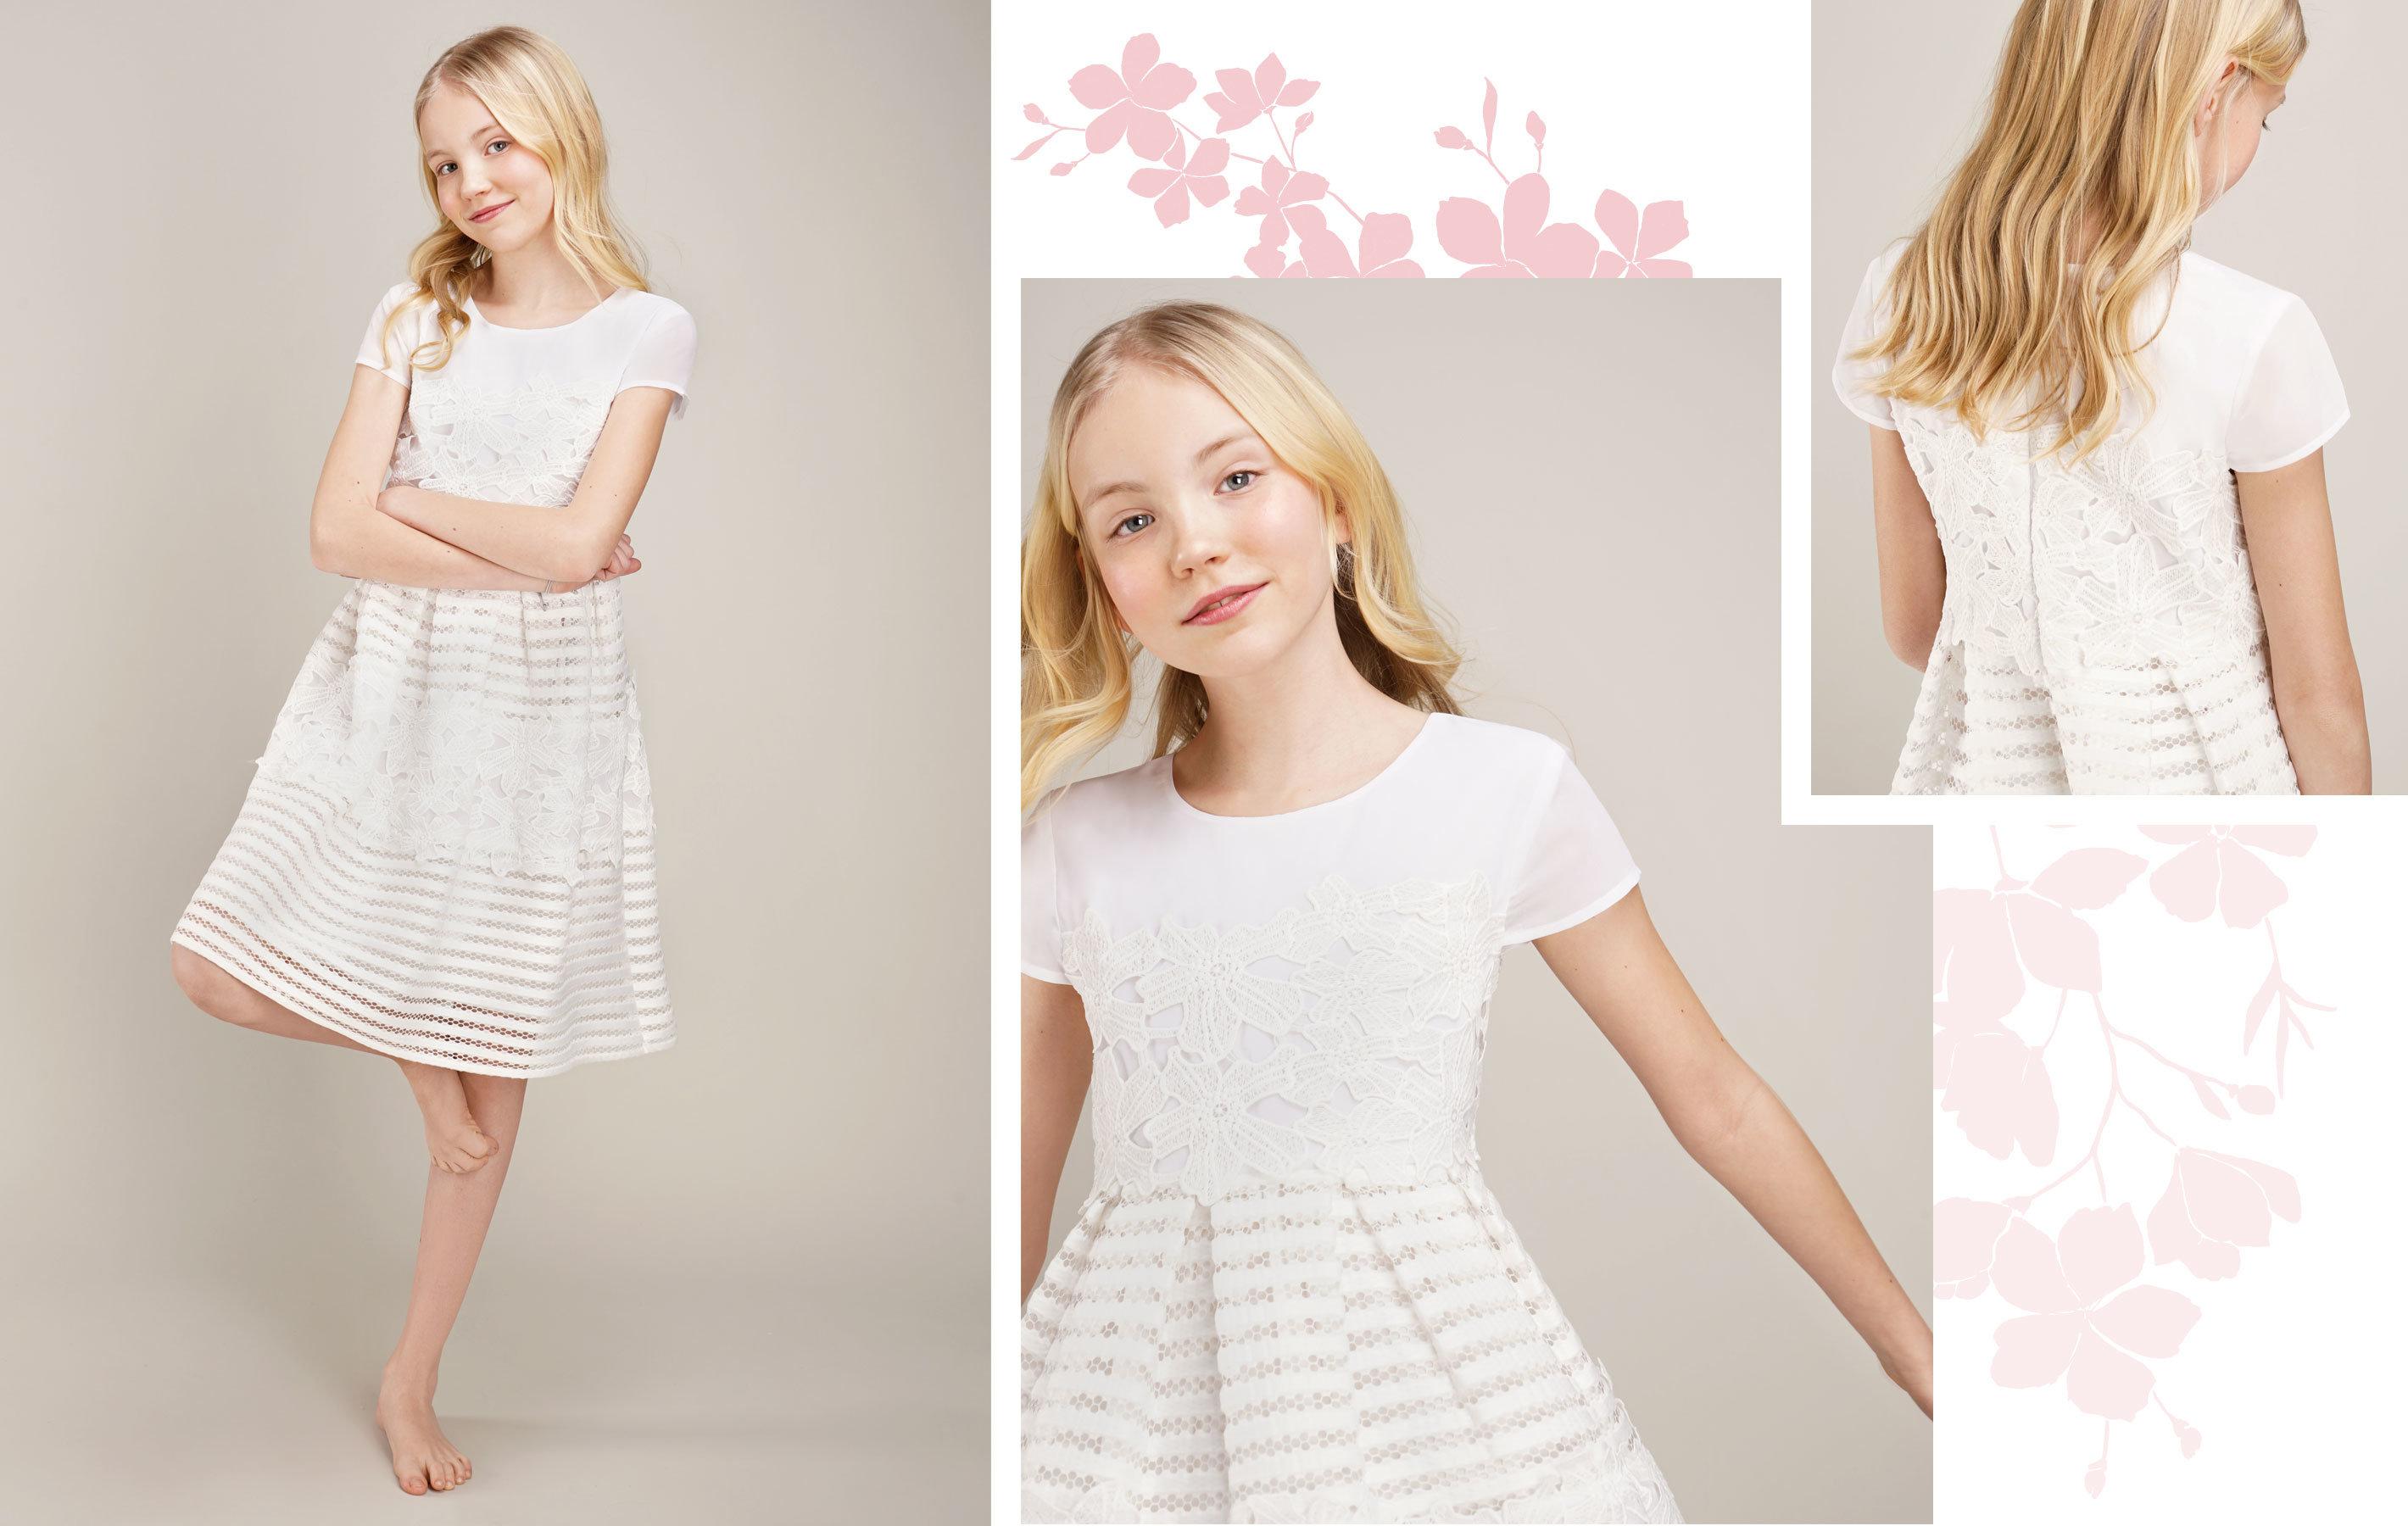 blondes Mädchen trägt weißes Kleid